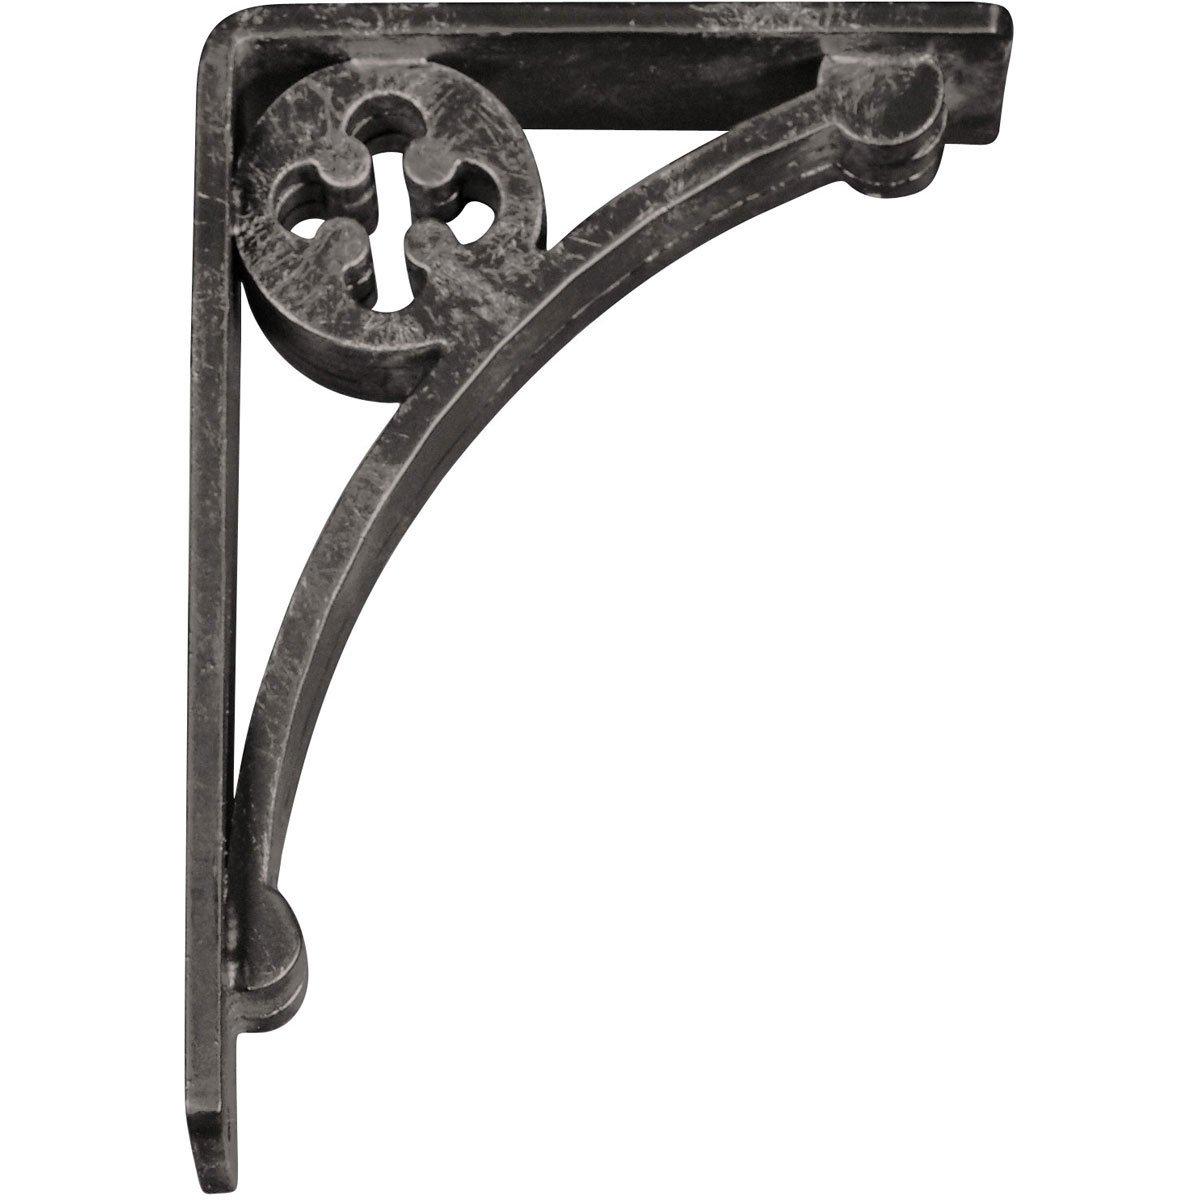 Ekena Millwork BKTM02X10X12TCR 2 W x 10 D x 12 H Crawley Wrought Iron Bracket Triple Center Brace